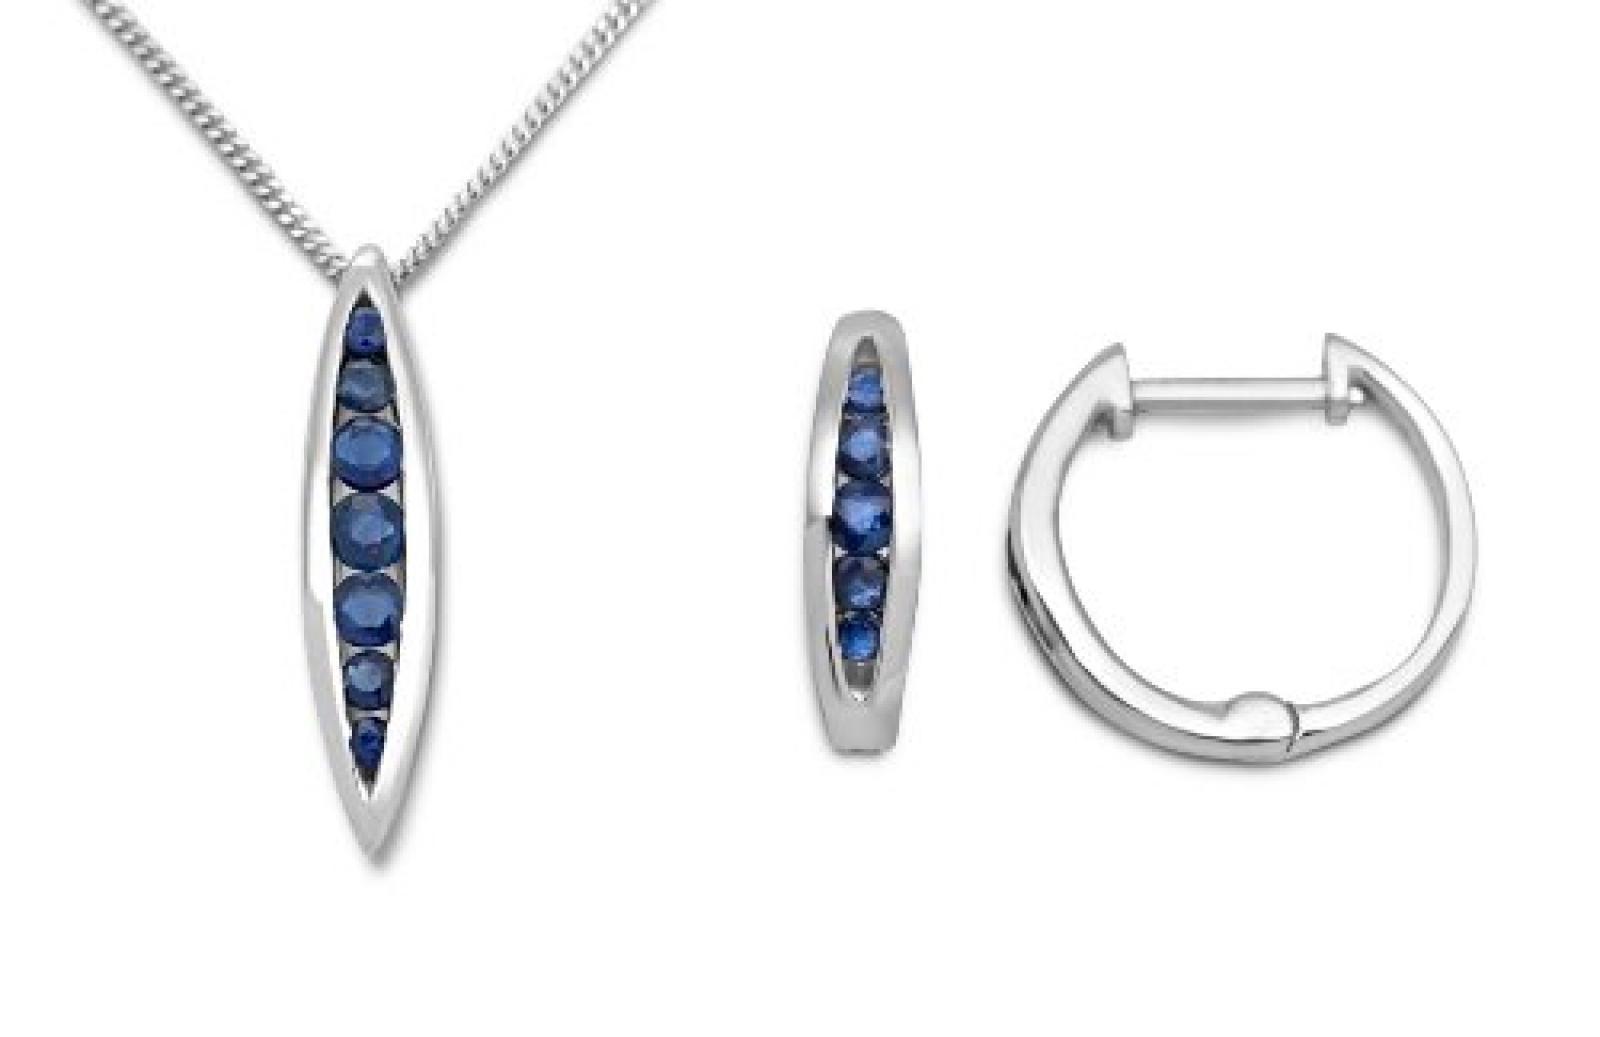 Miore Damen-Set: Halskette + Ohrringe Saphir Blau 9 Karat 375 Weißgold MSET021